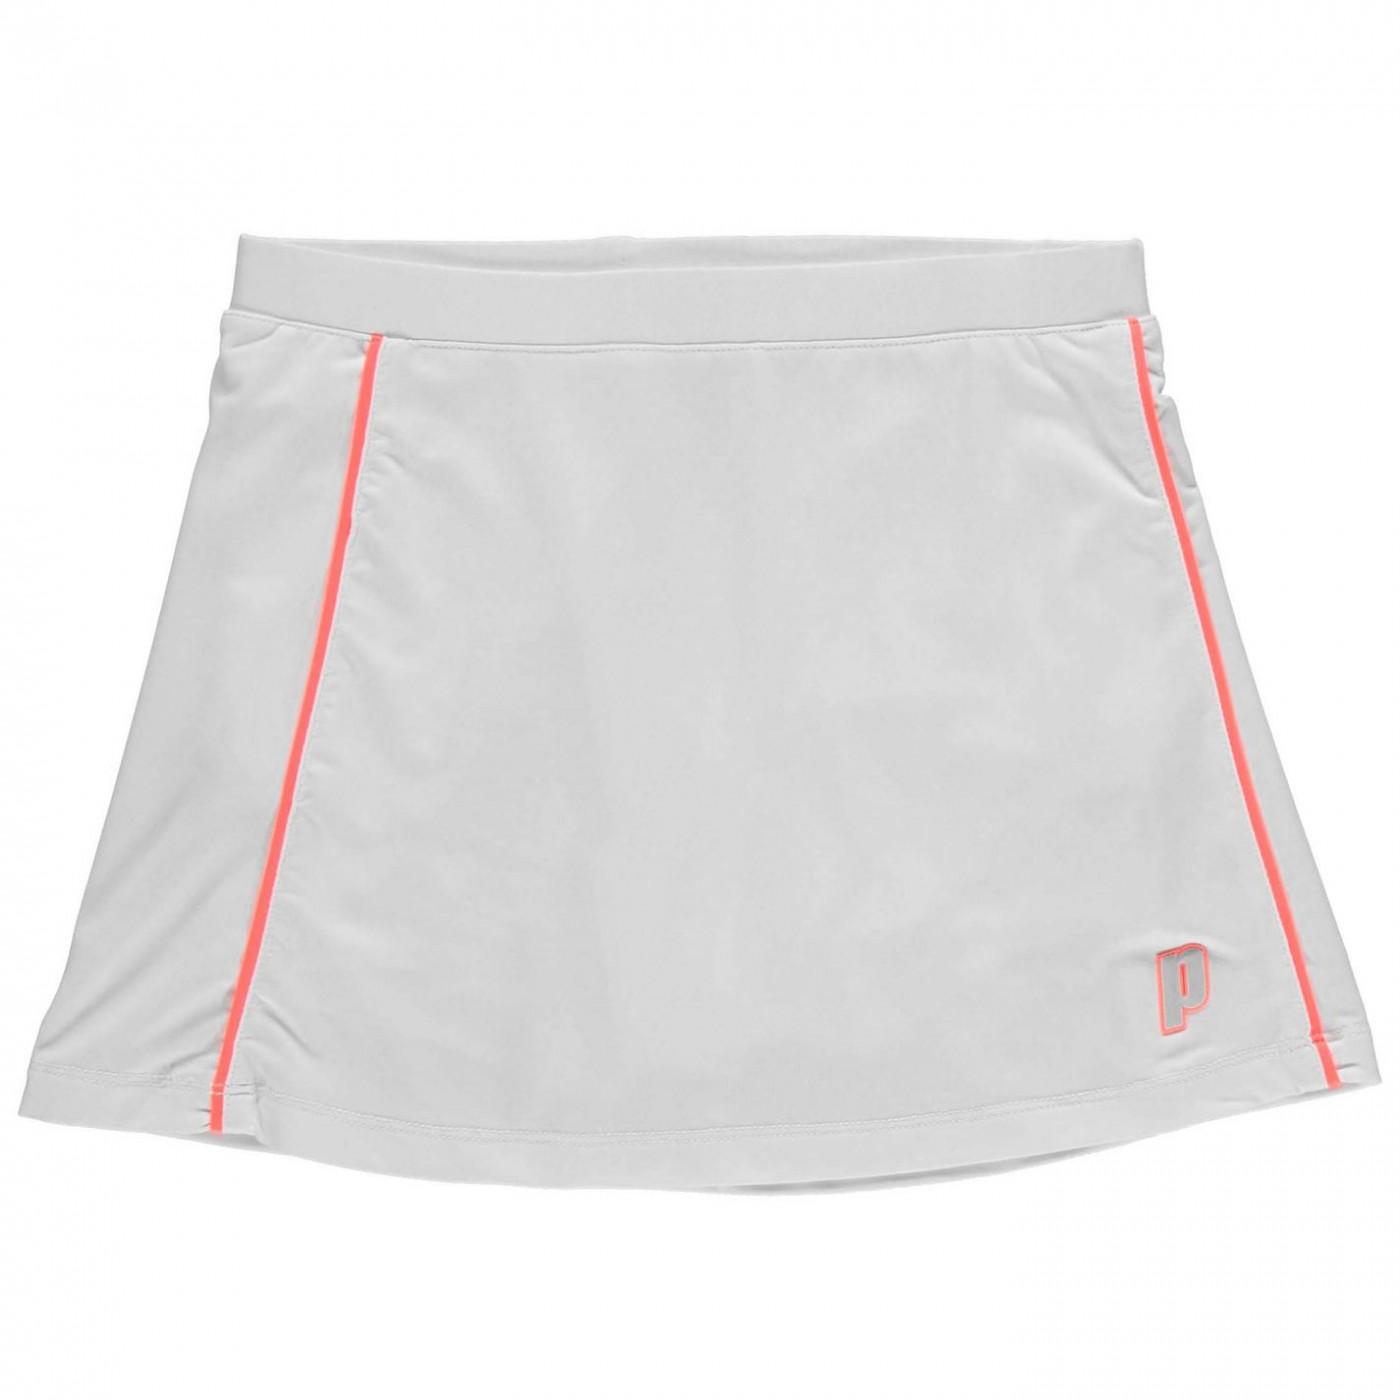 a64a9af576bd Prince Tech Tennis Skort Juniors - FACTCOOL